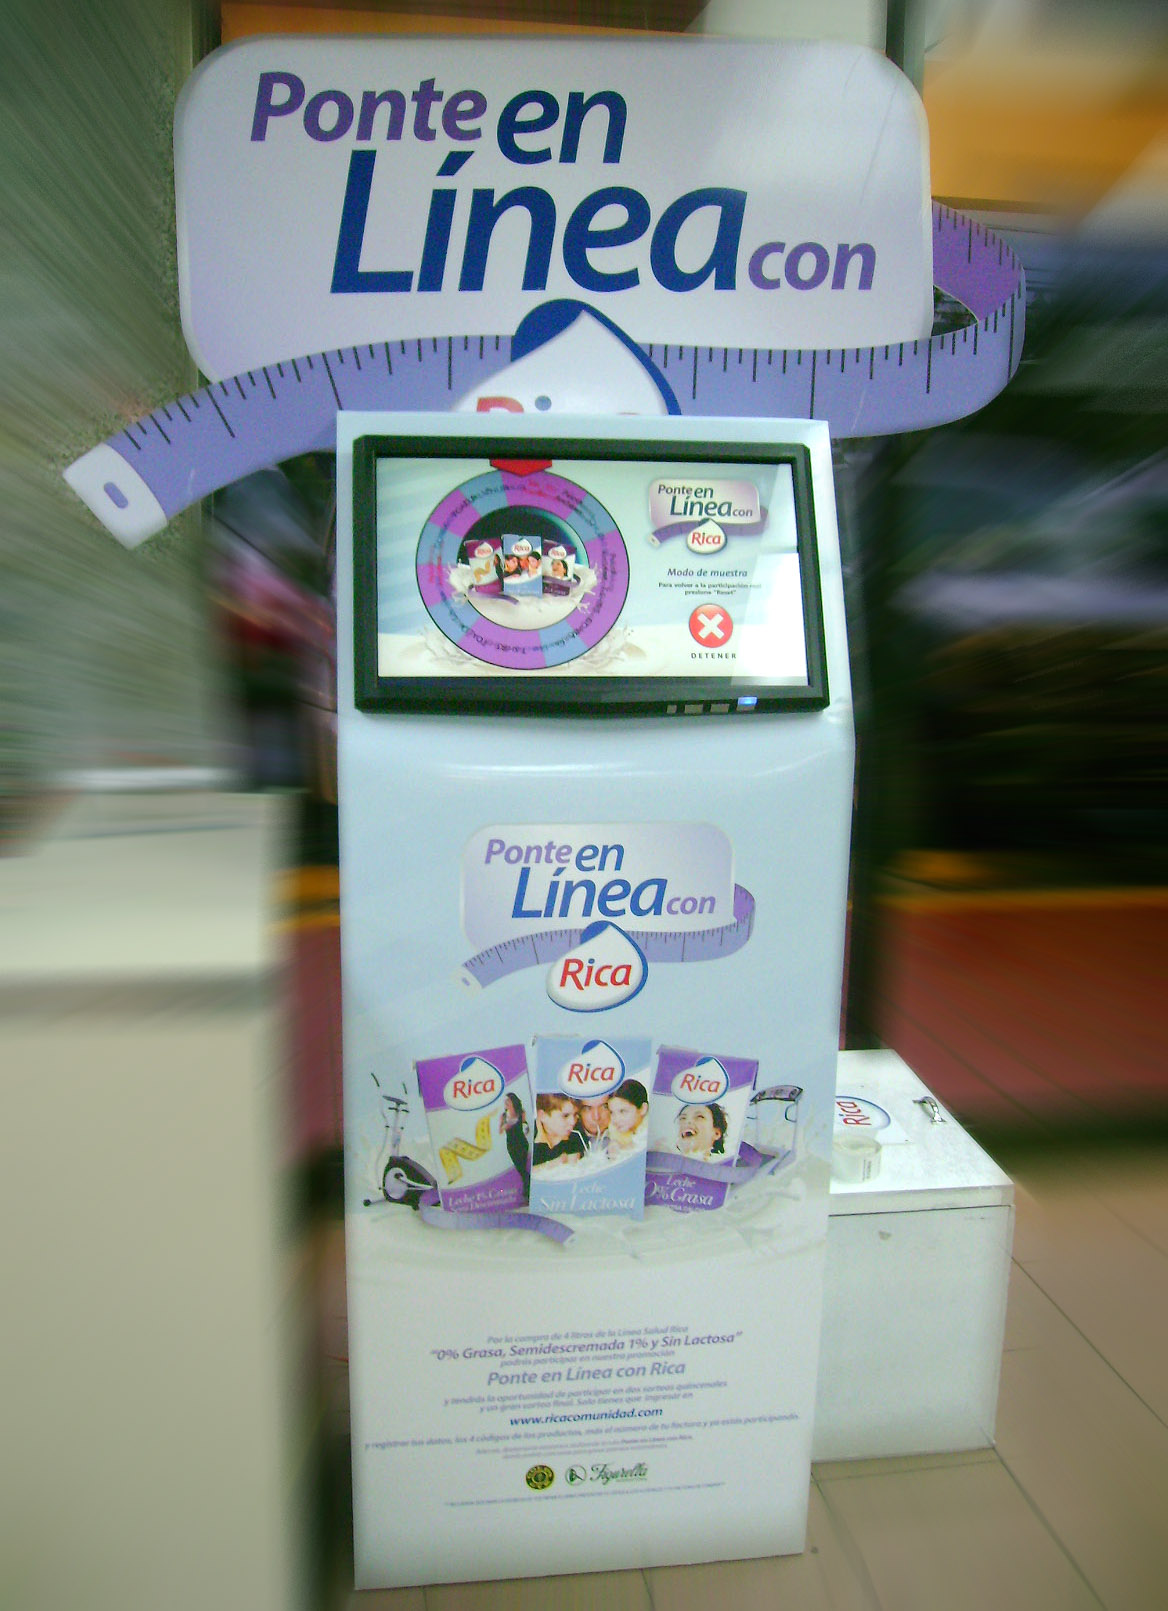 Juego interactivo en kiosko touchscreen